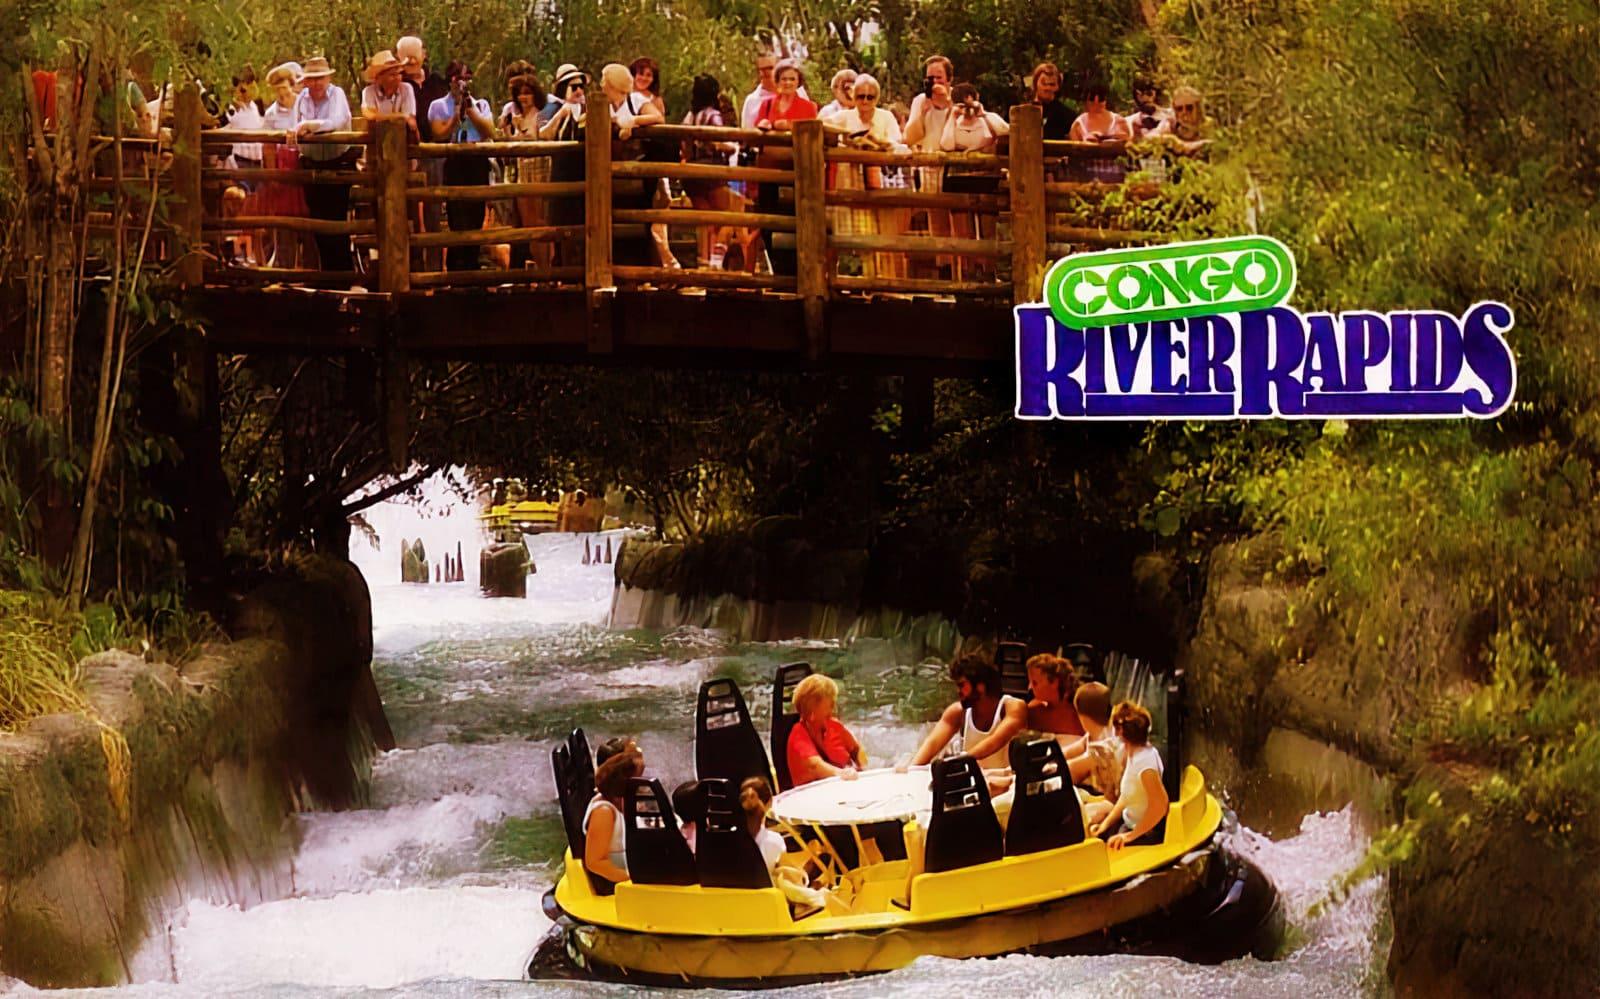 Vintage Busch Gardens Tampa Congo River Rapids (1970s)